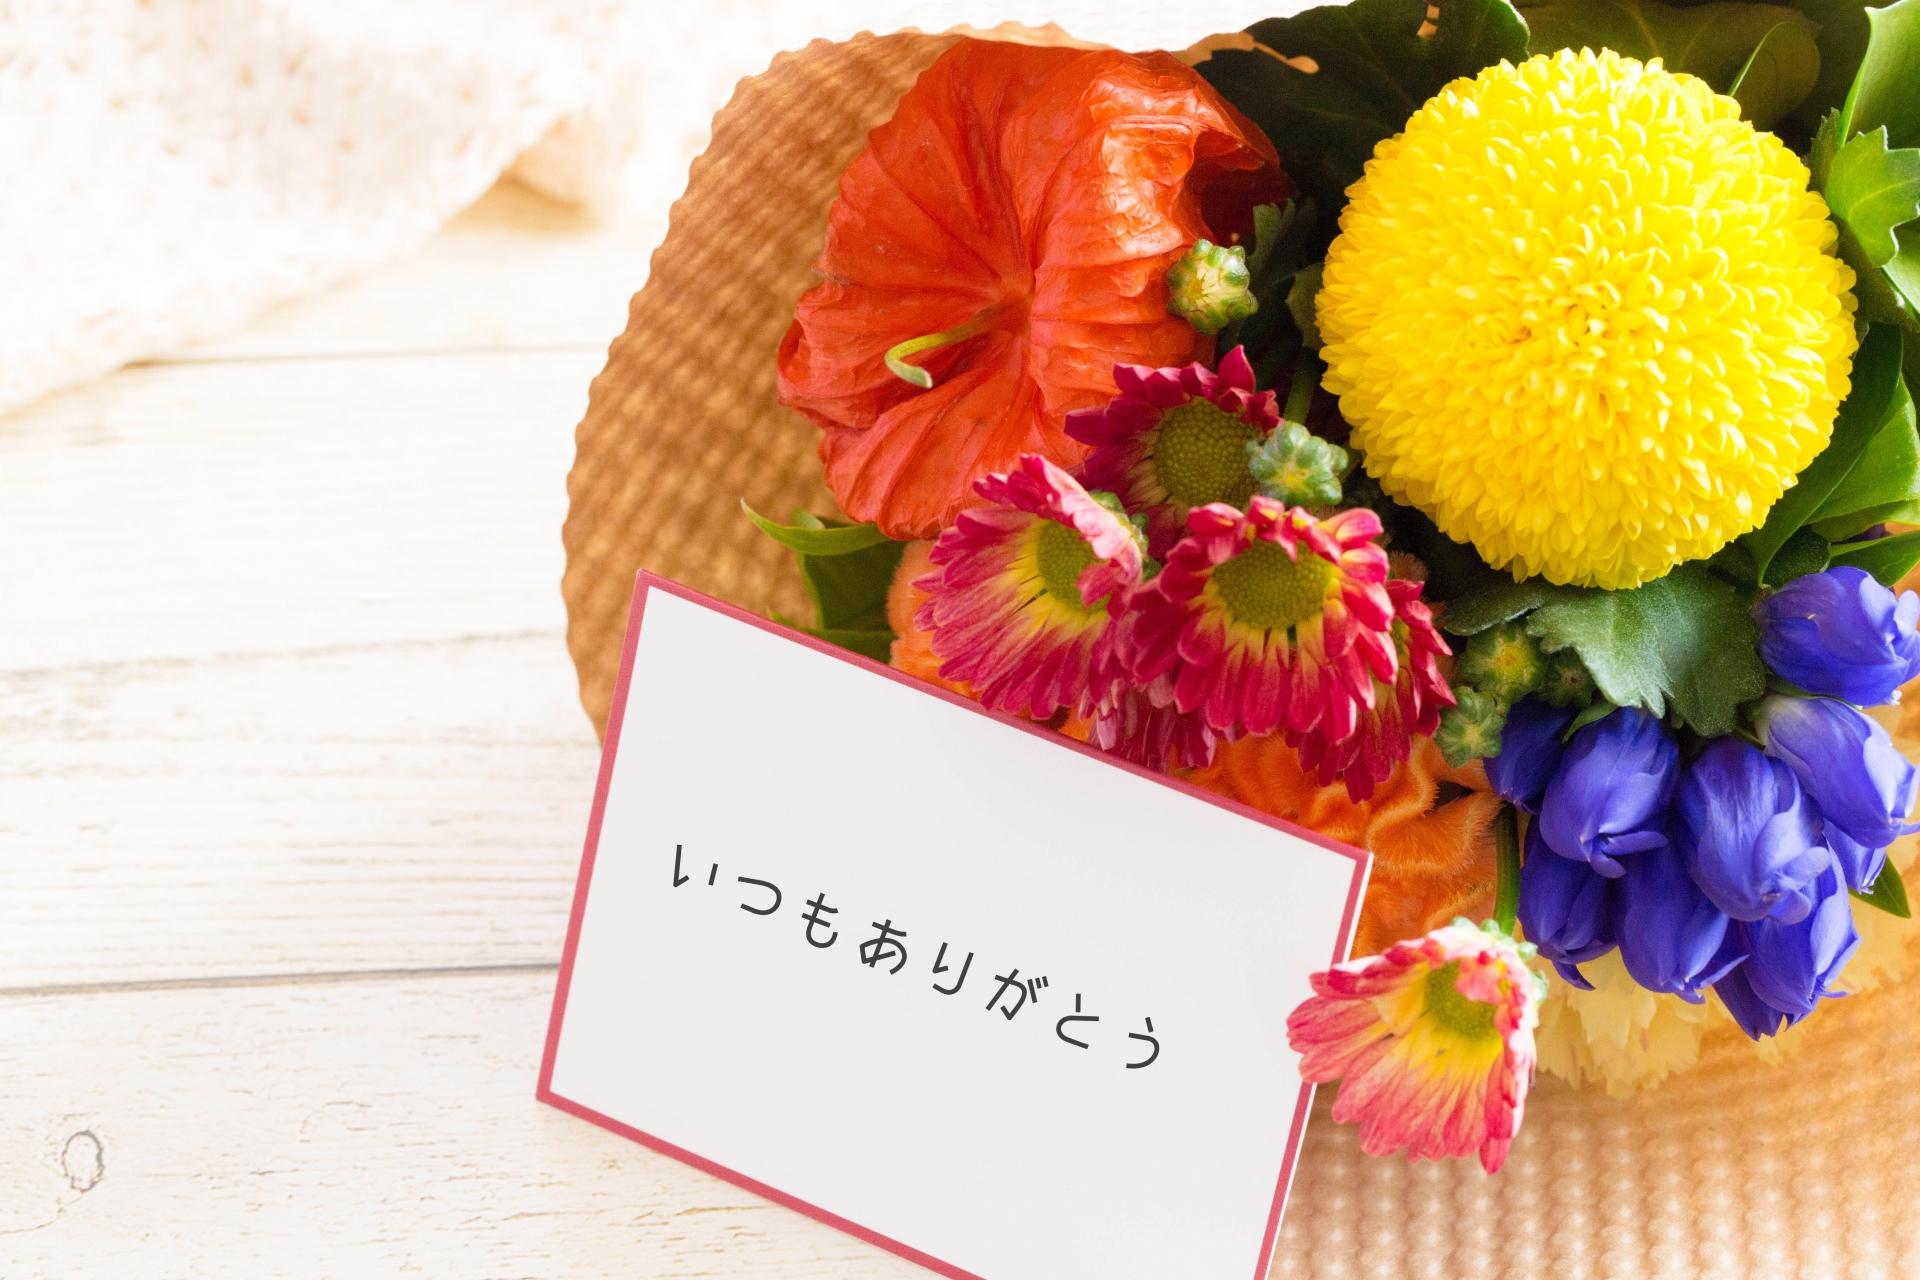 鎌倉時代まで遡る敬老の日のルーツ